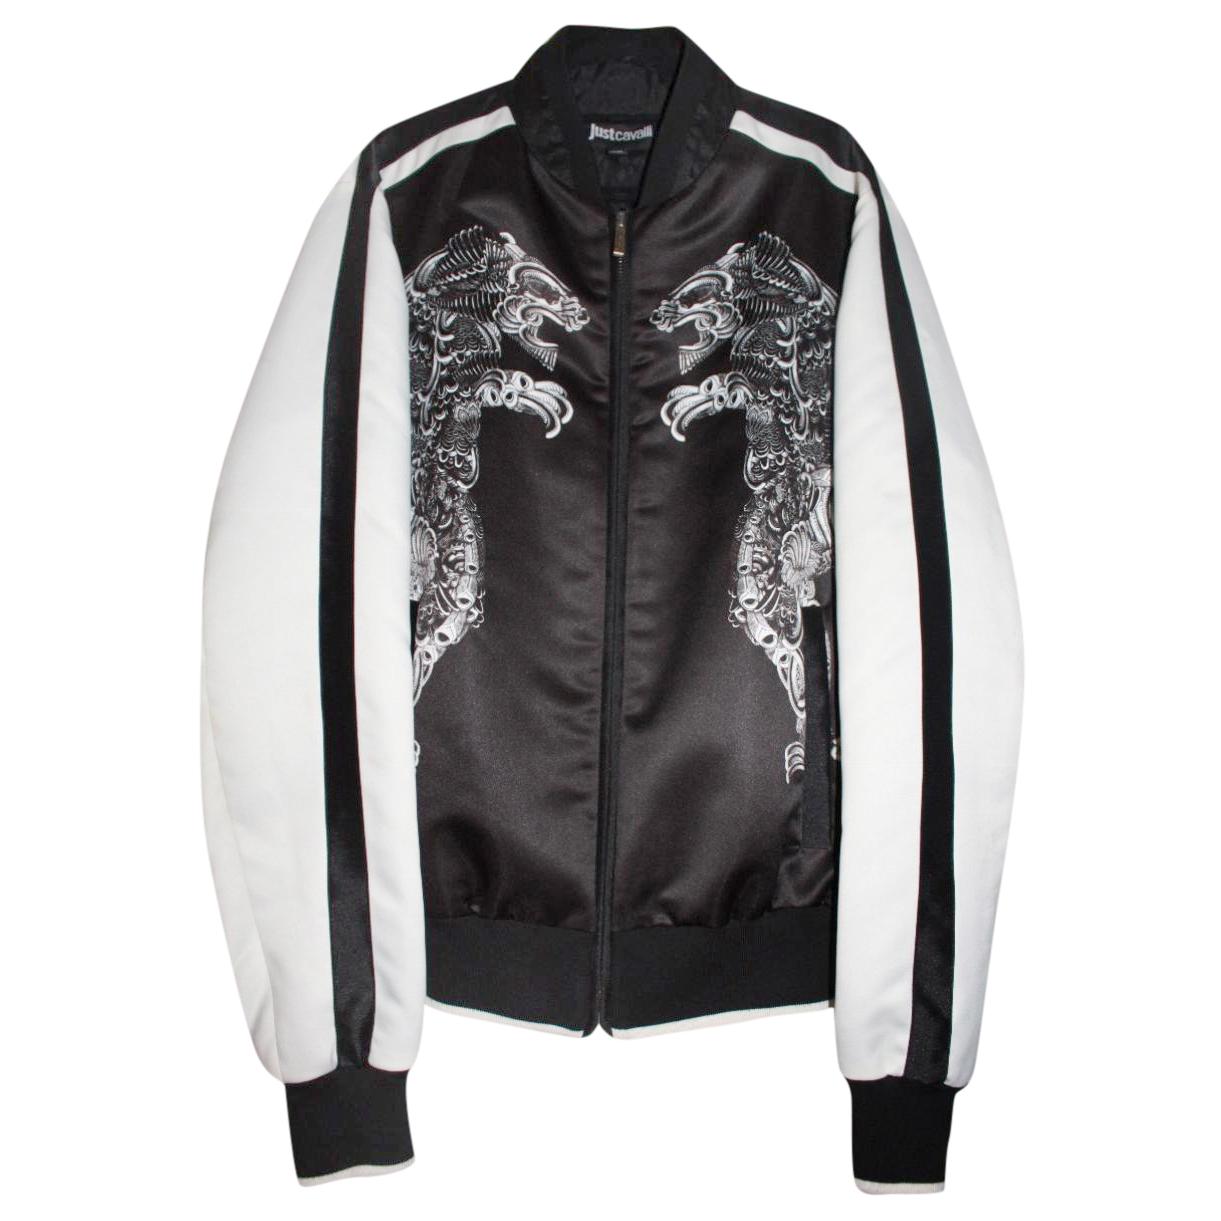 JUST CAVALLI Printed bomber jacket